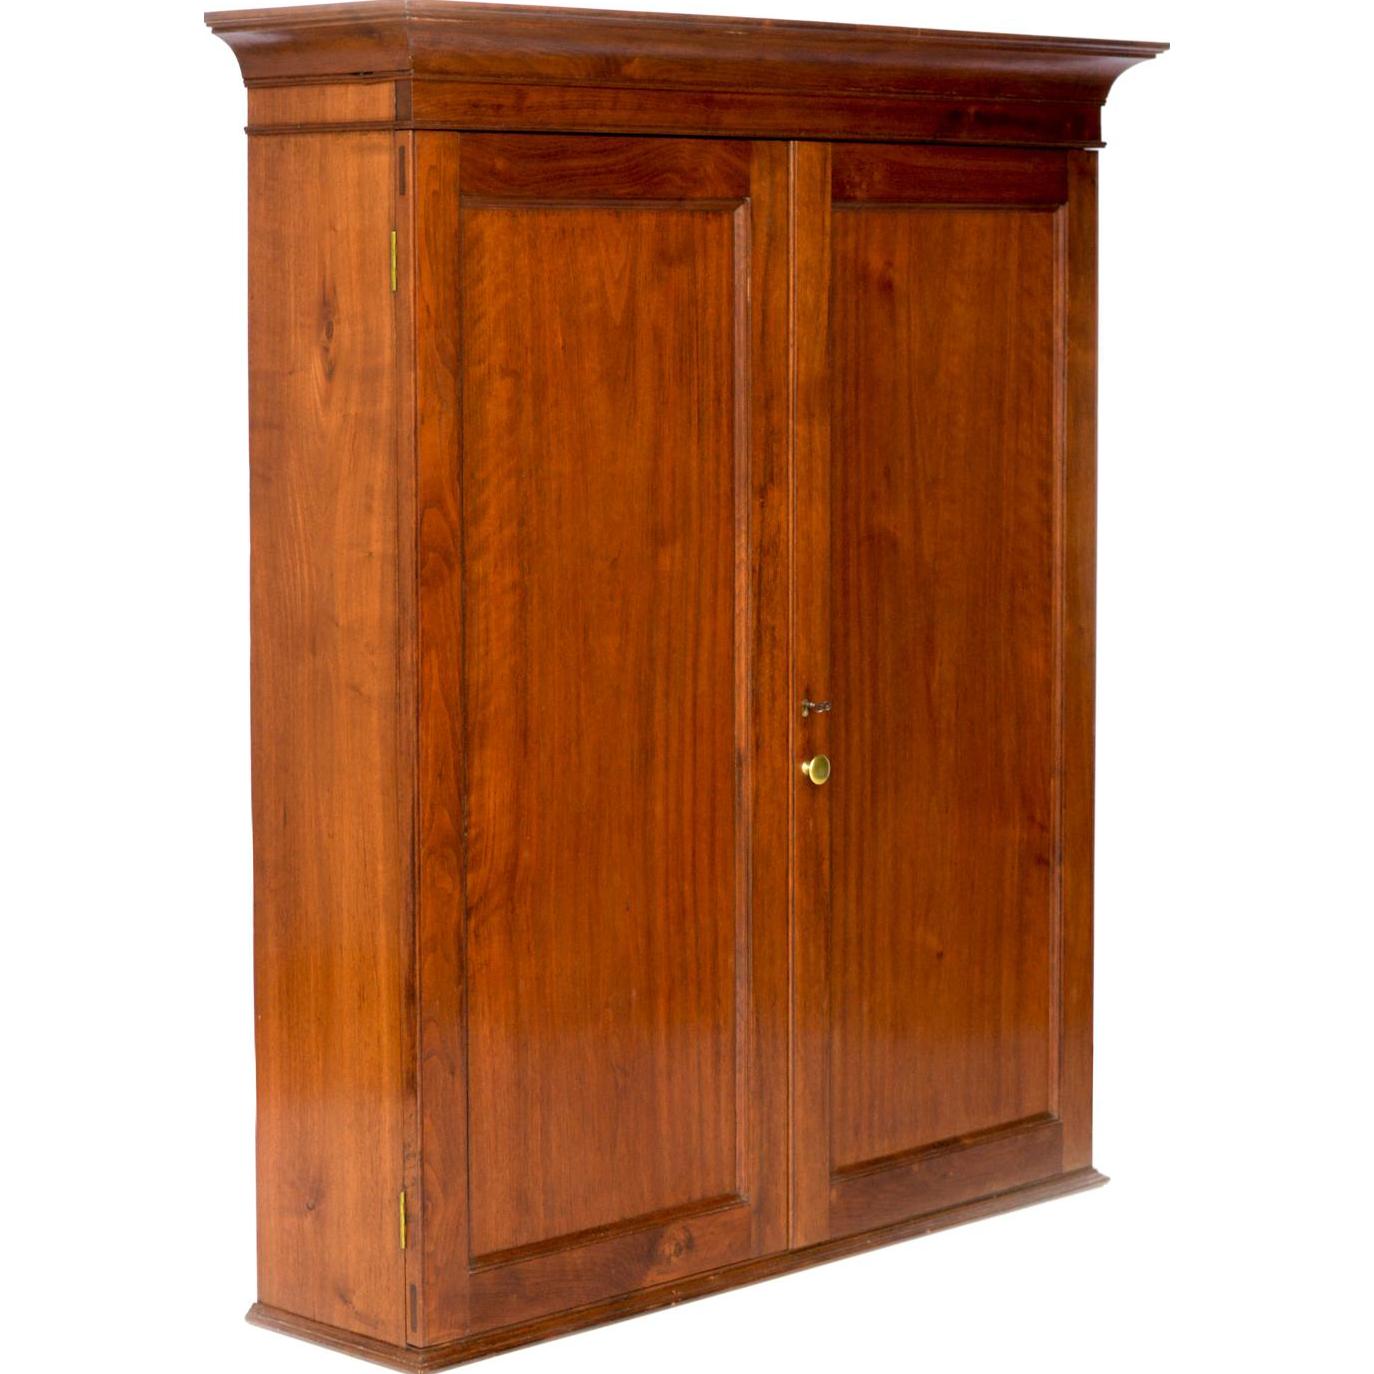 Vintage cup new 578 vintage upper cabinets for Upper cabinets for sale